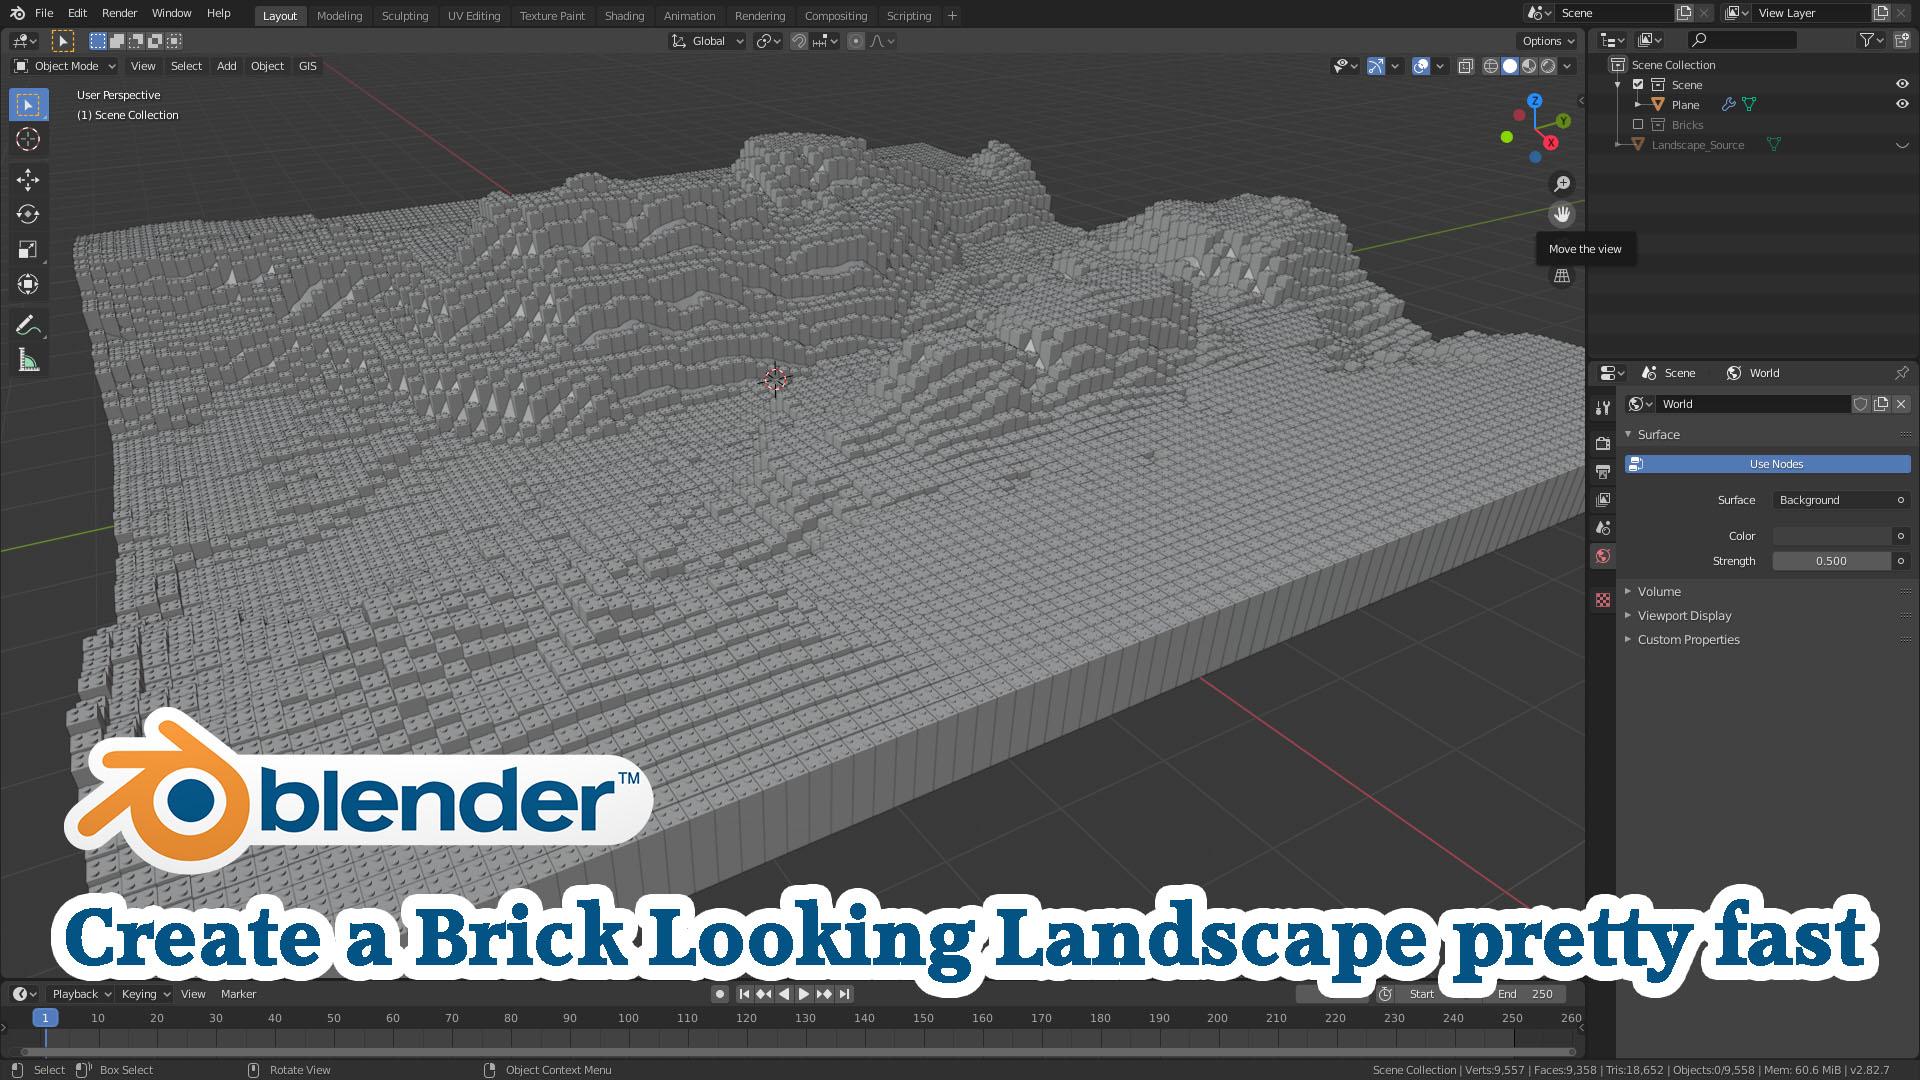 http://www.brickshelf.com/gallery/Peiler/Making-Of/03_landscape_thumbnail.jpg